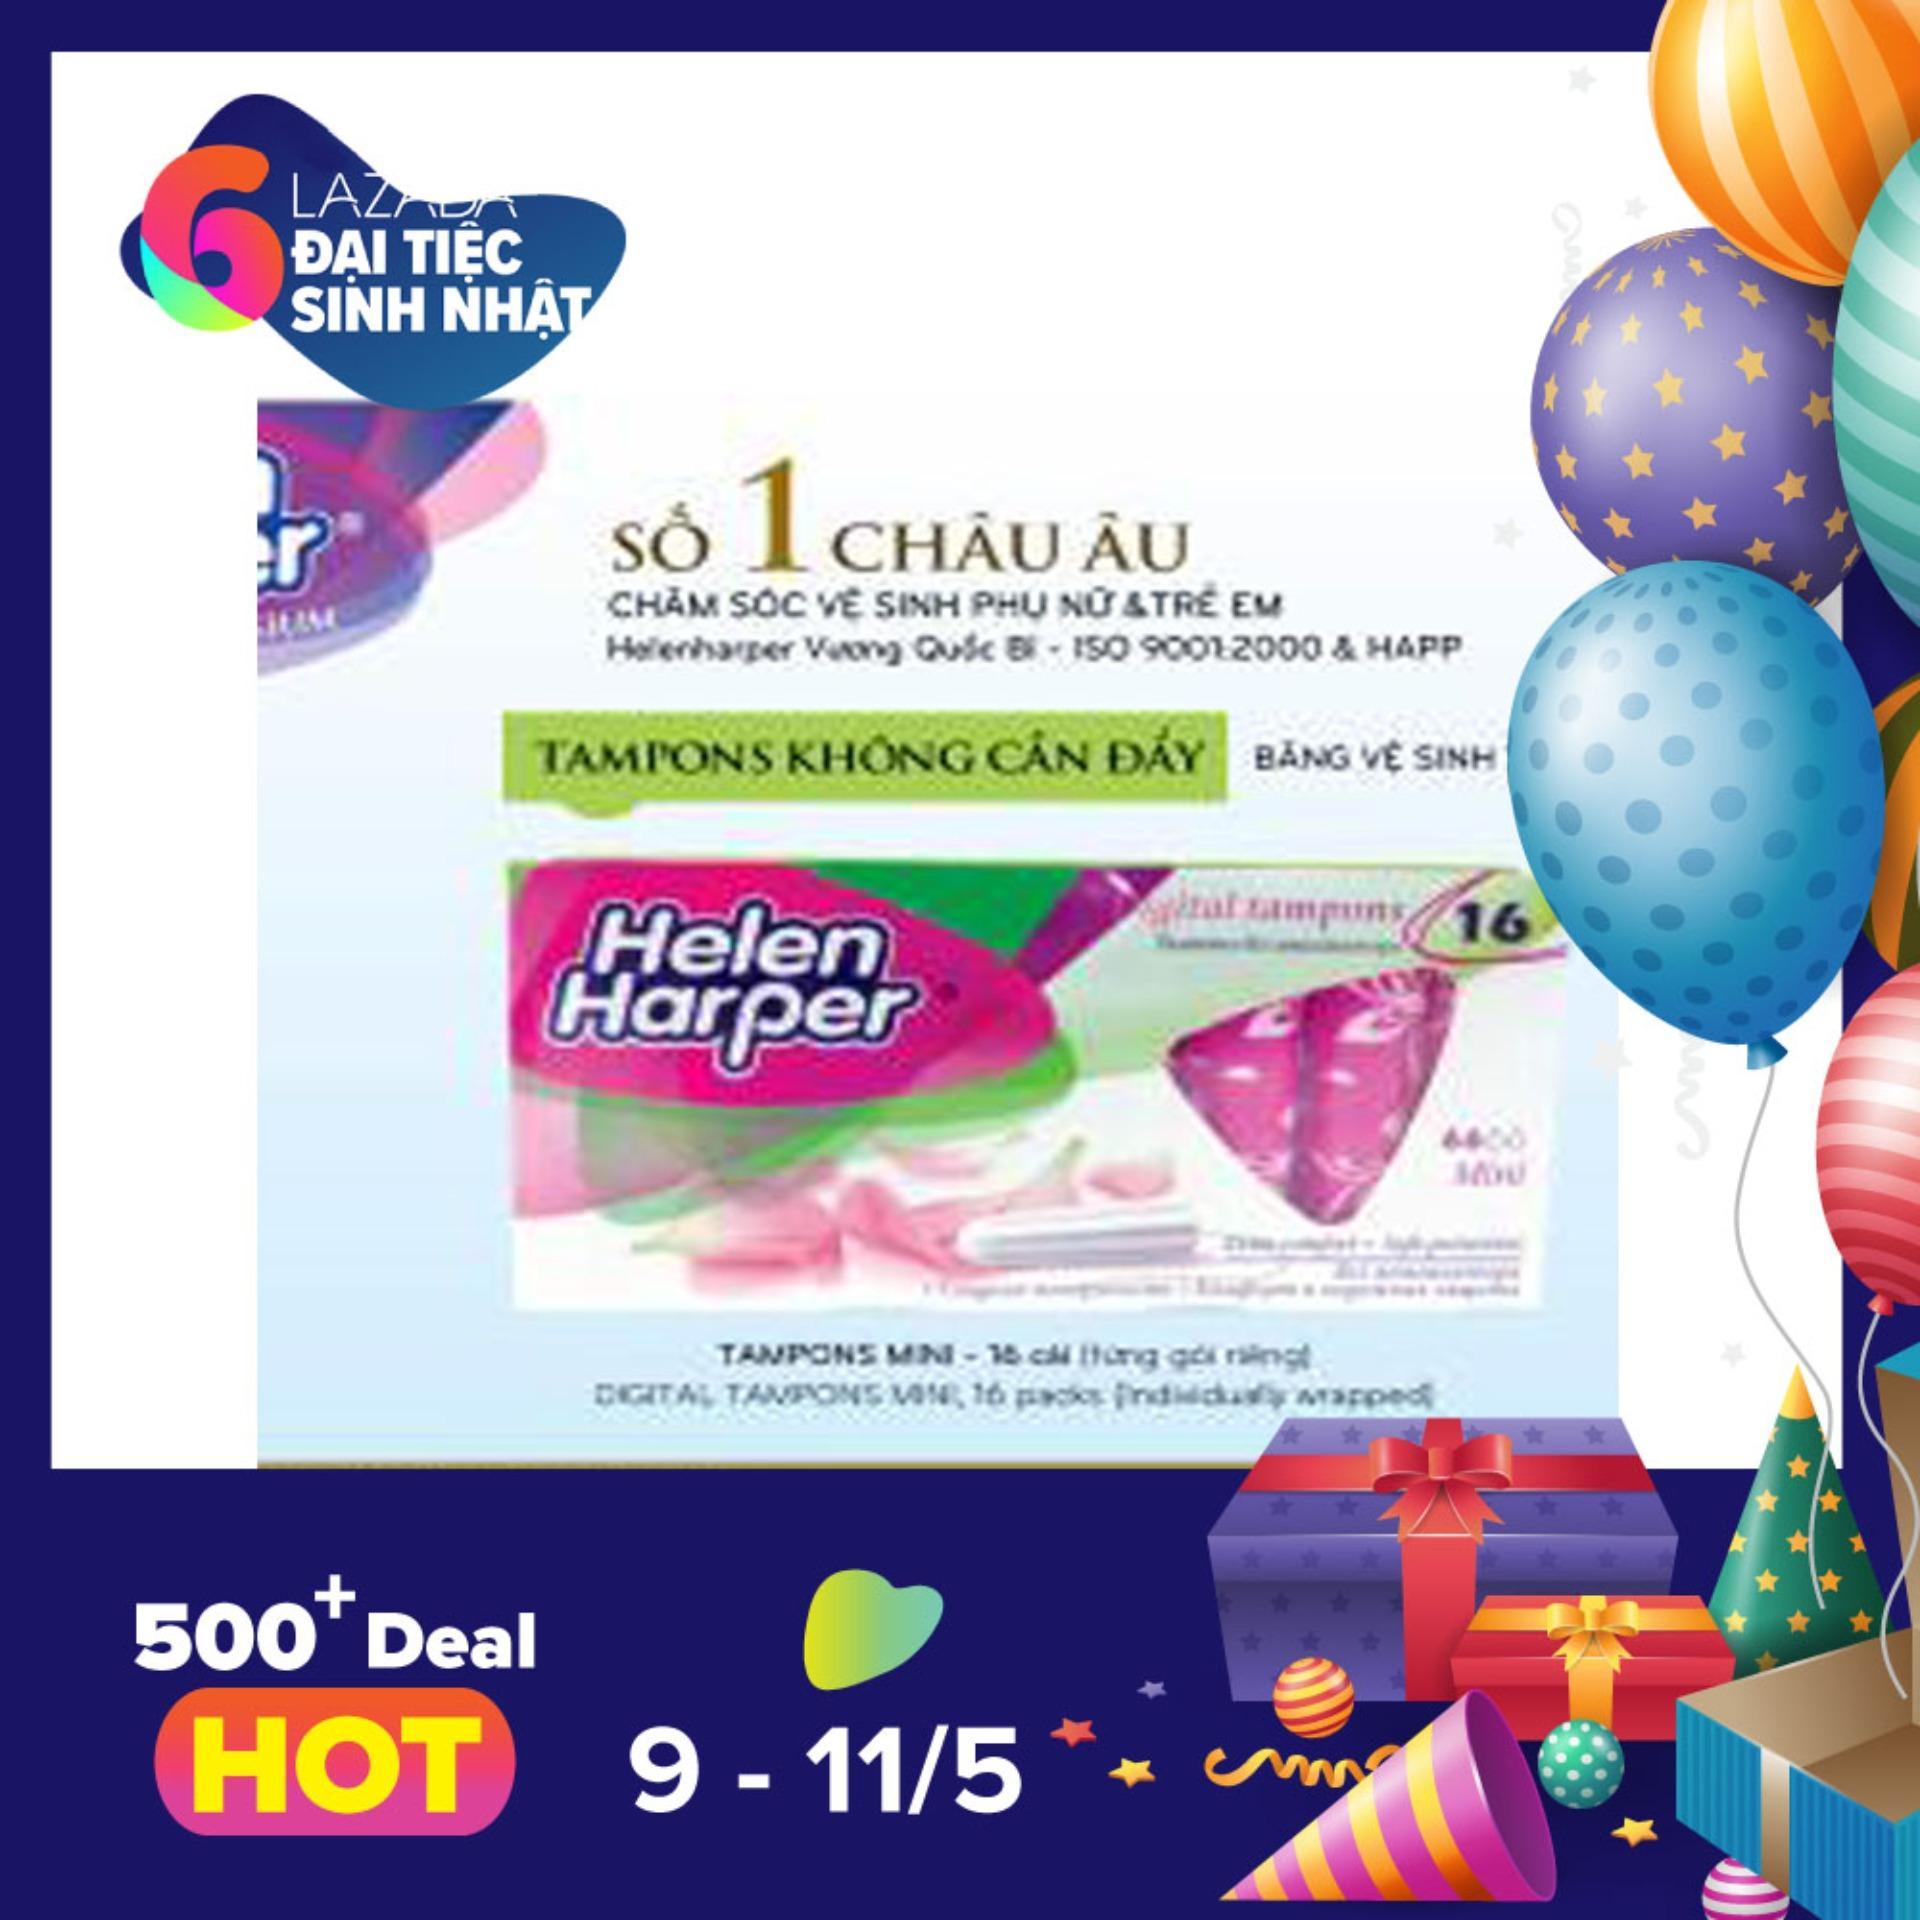 Bán Bộ 2 Băng Vệ Sinh Helen Harper Tampon Mini 16 Miếng Bộ 2 32 Miếng Rẻ